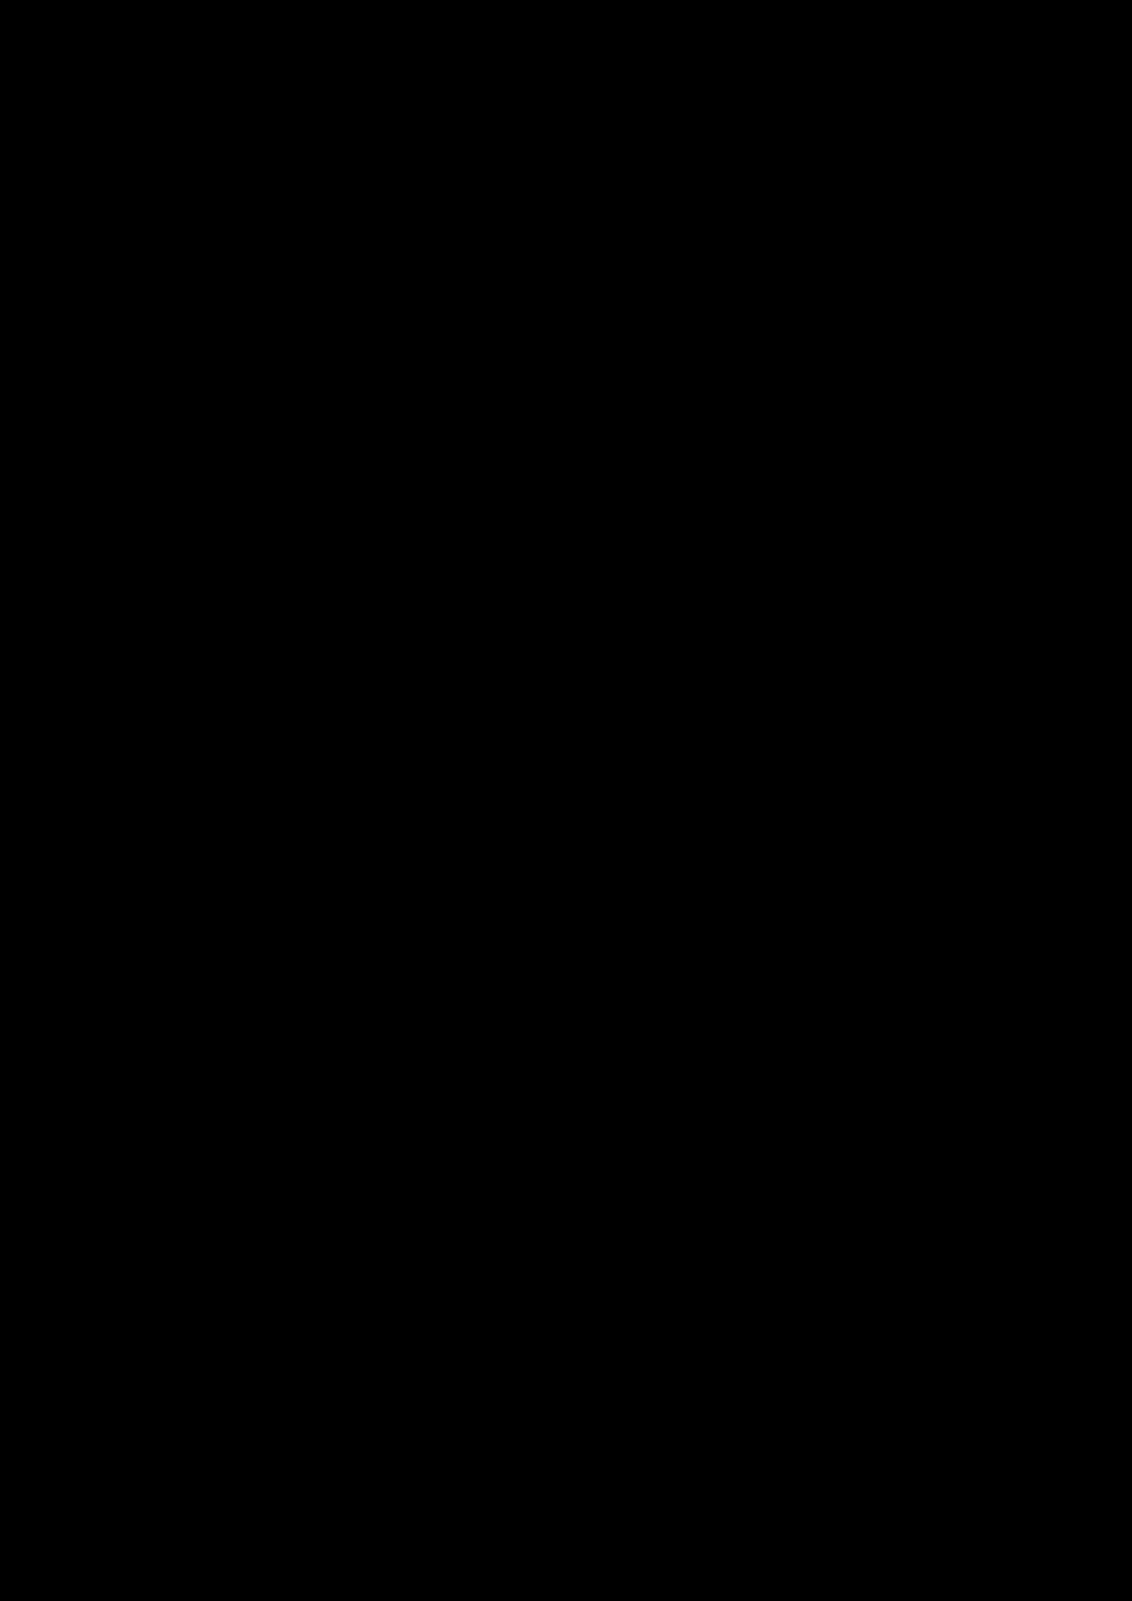 Proschanie s volshebnoy stranoy slide, Image 15